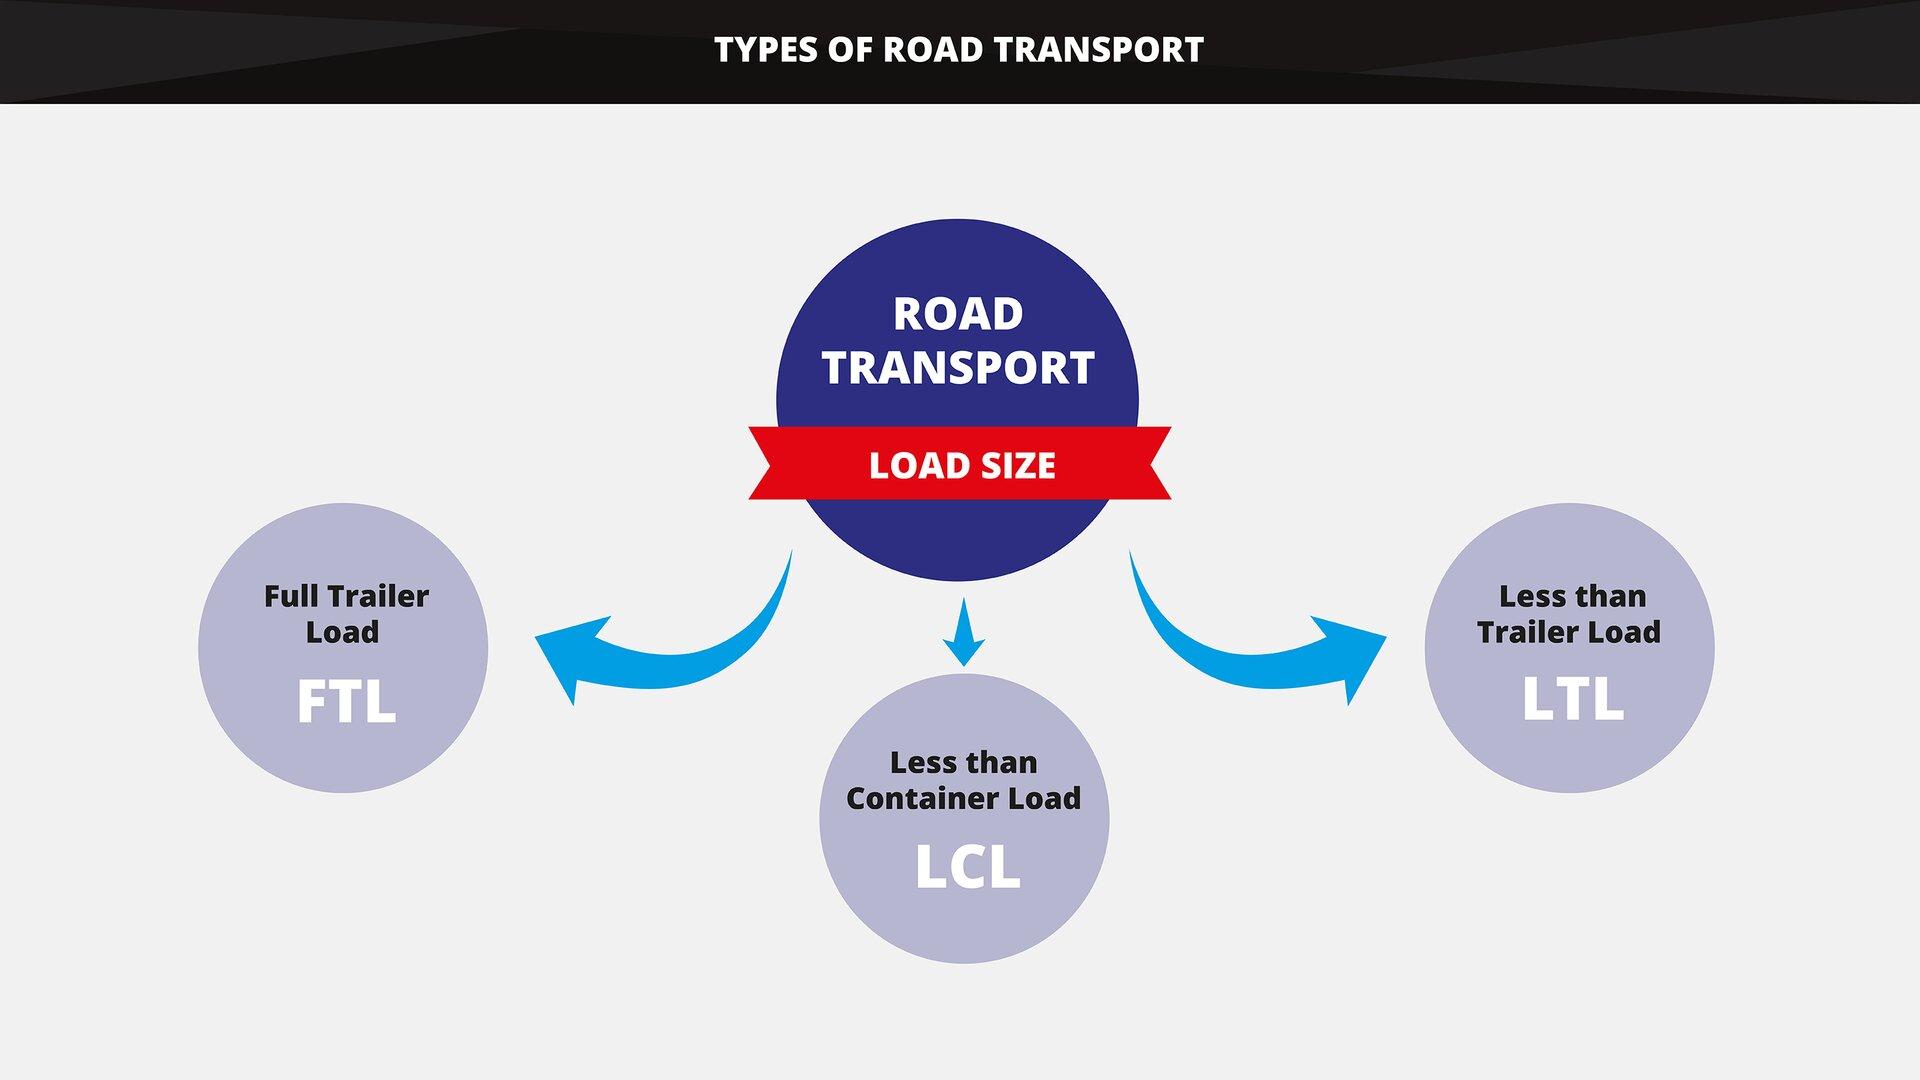 The graphics shows types of road transport in accordance with the load size. Grafika przedstawia rodzaje przewozów drogowych ze względu na wielkość ładunku.